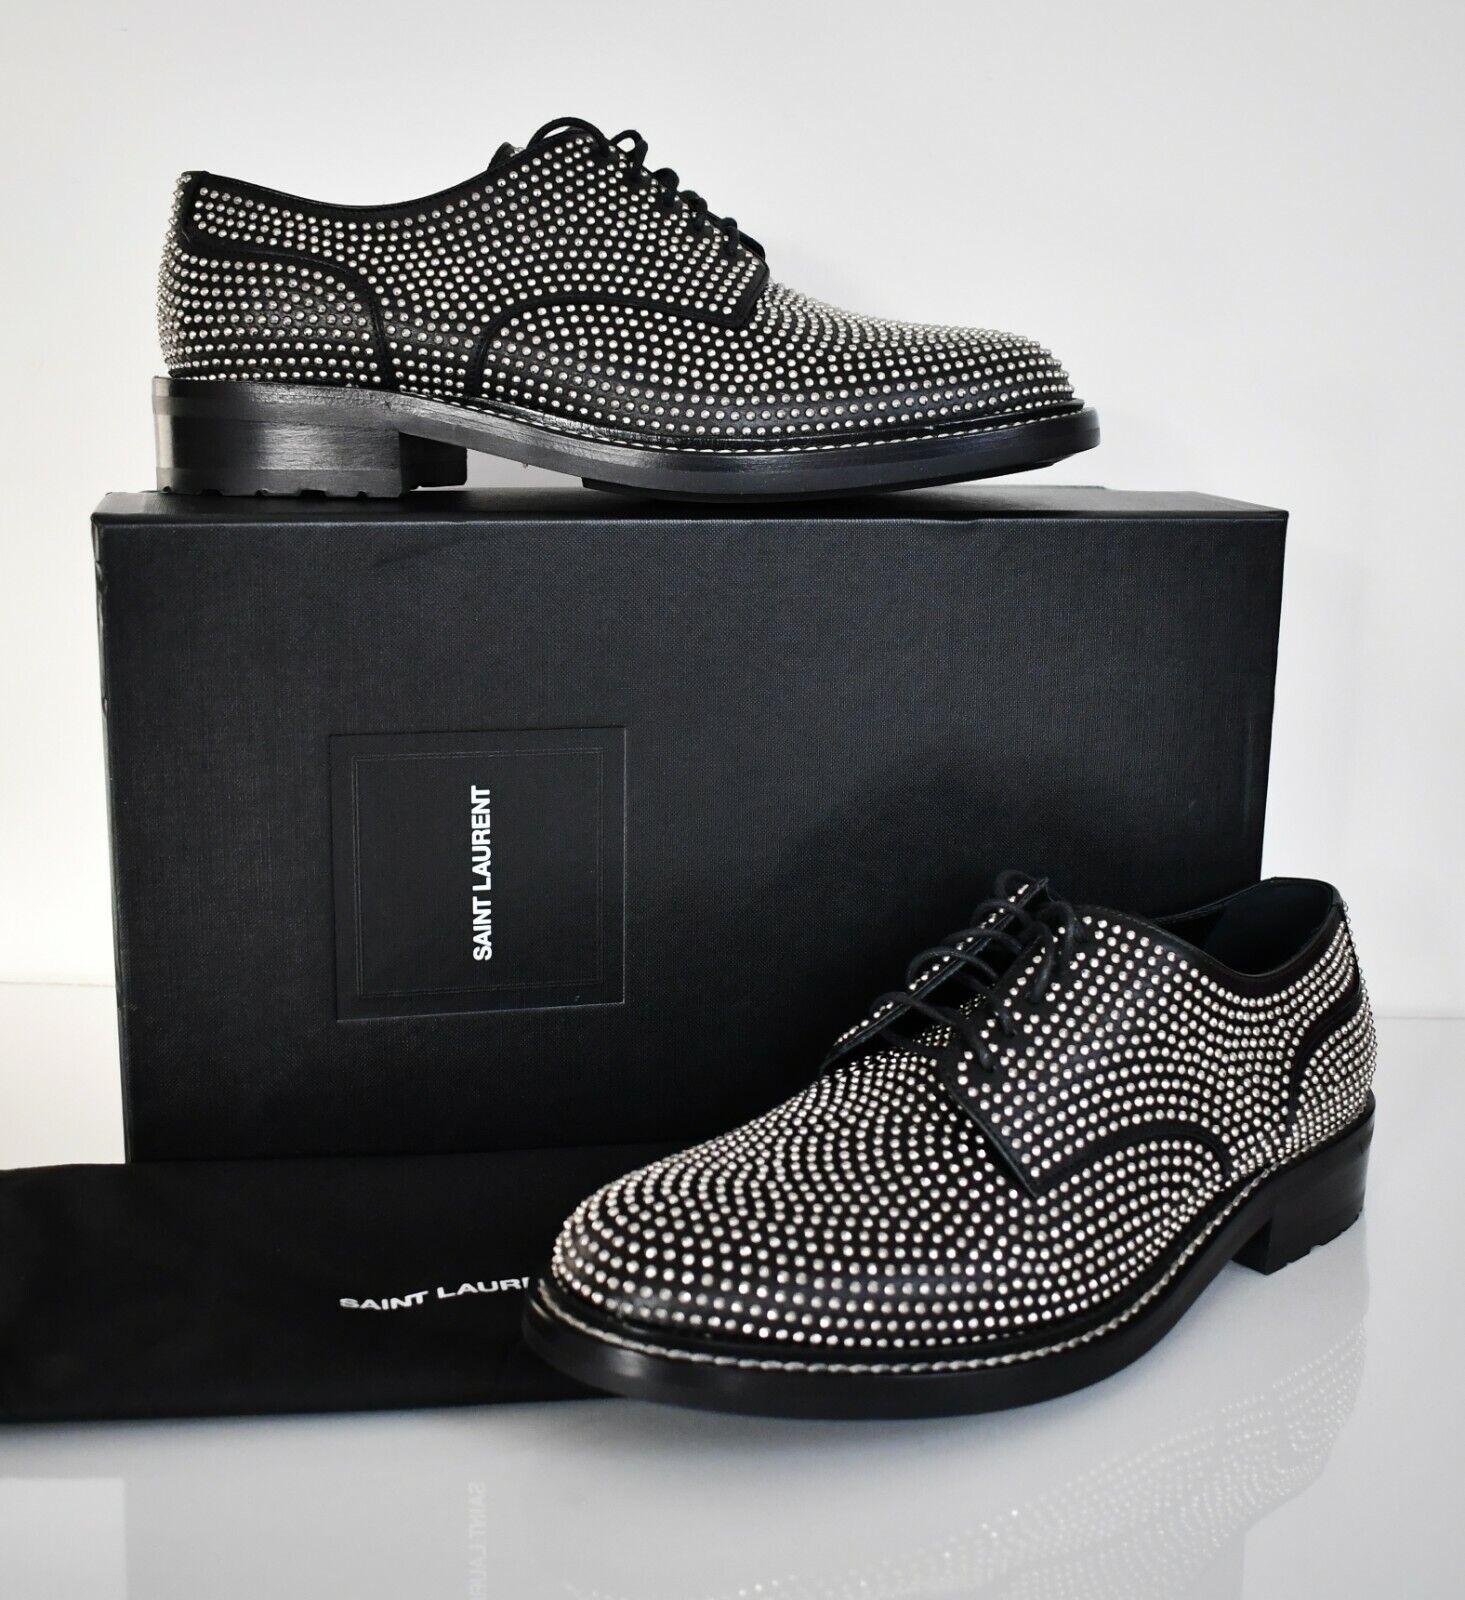 New SAINT LAURENT Paris Black WILLIAM 25 STUDDED DERBY Shoes EUR42 US9